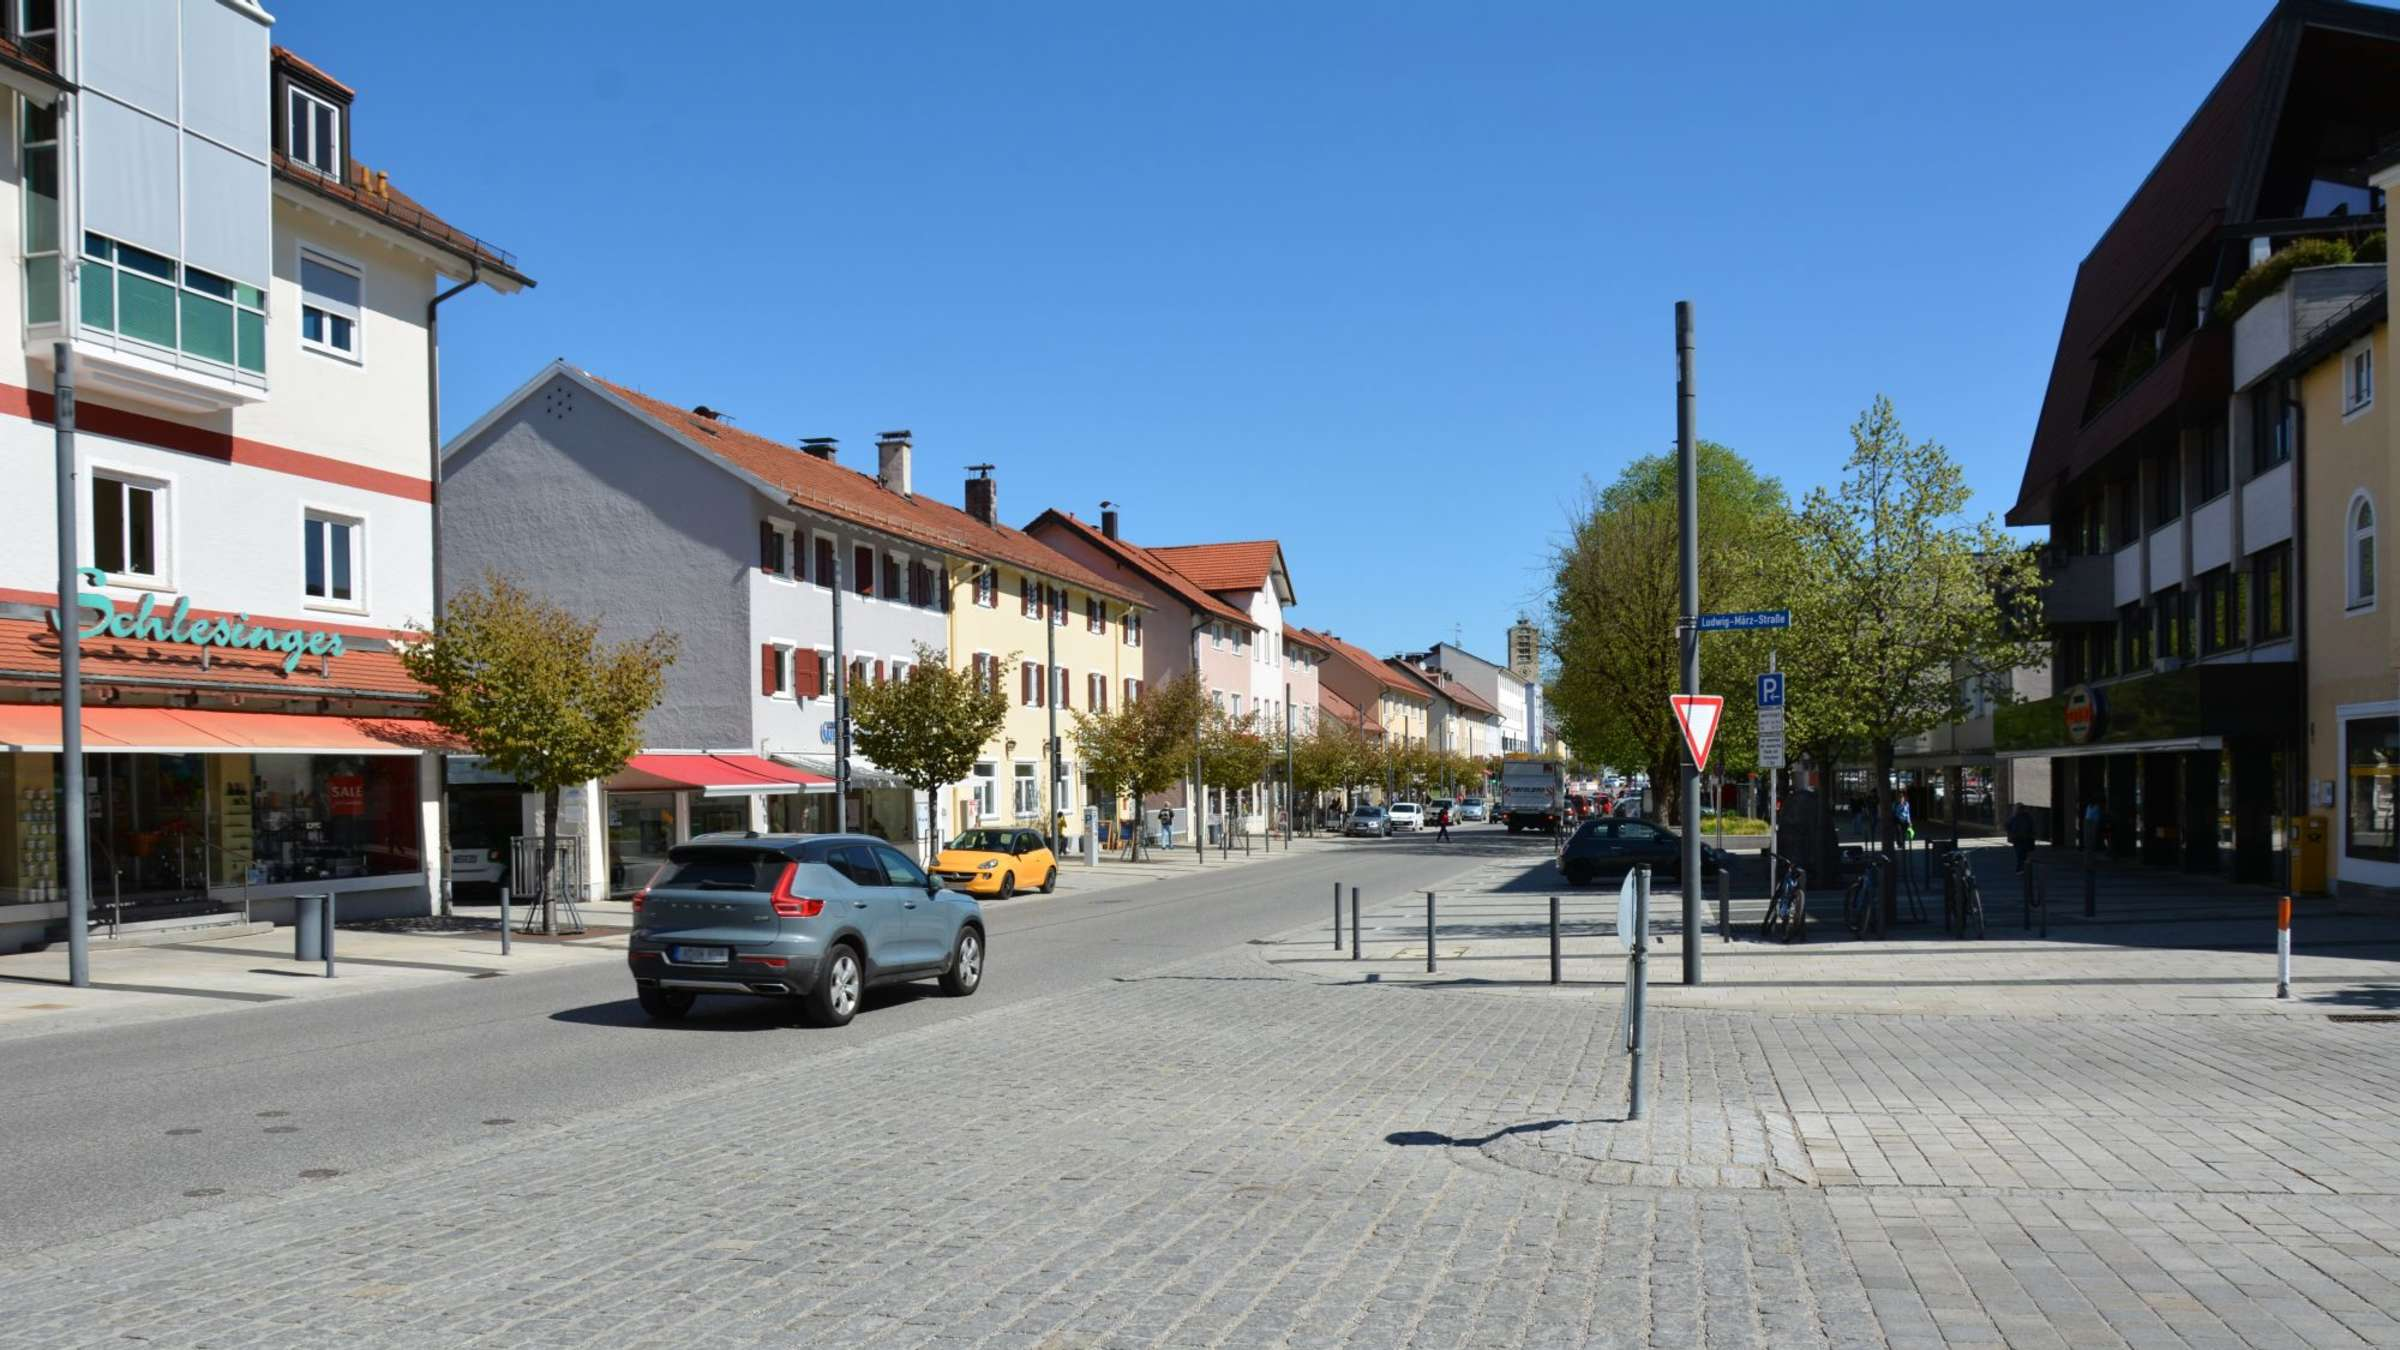 Full Size of Schlafstudio München Einzelhandel In Penzberg Nach Coronabedingter Schlieung Drfen Sofa Betten Wohnzimmer Schlafstudio München